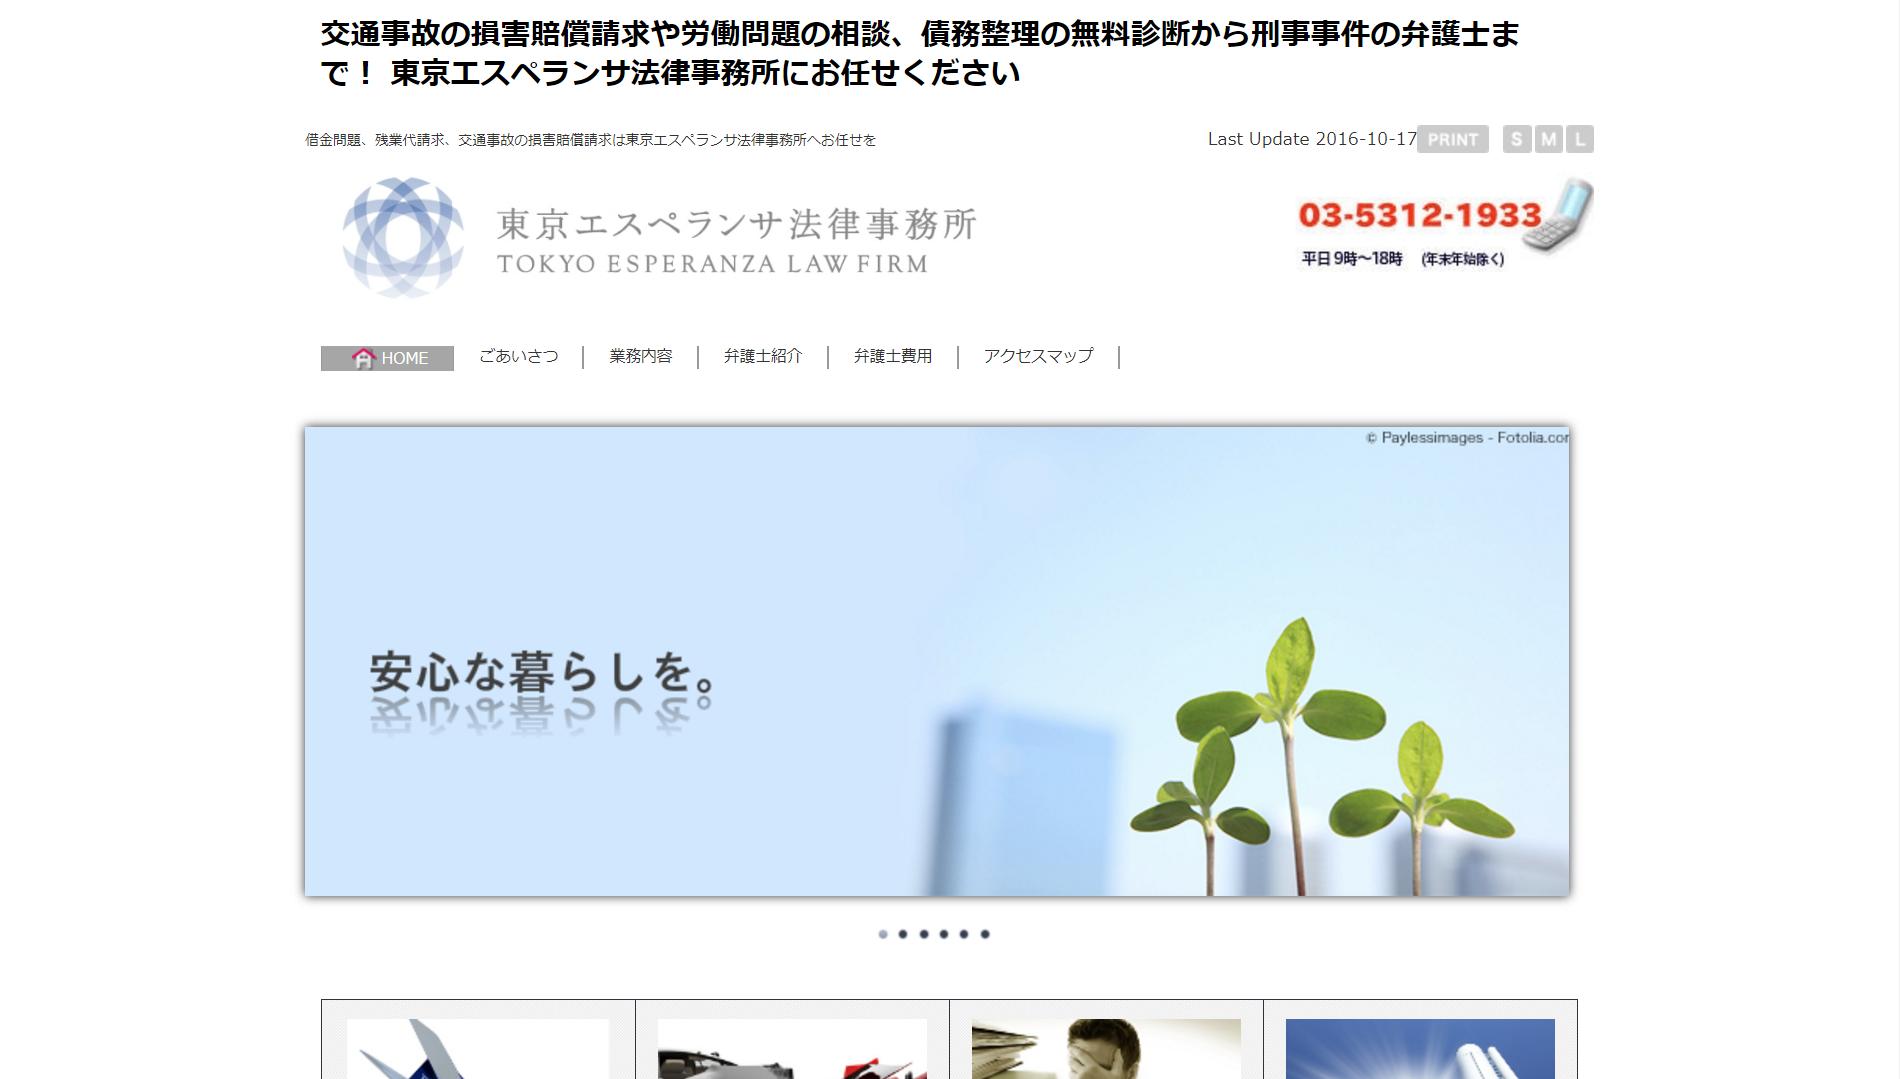 東京エスペランサ法律事務所(東京都新宿区新宿)